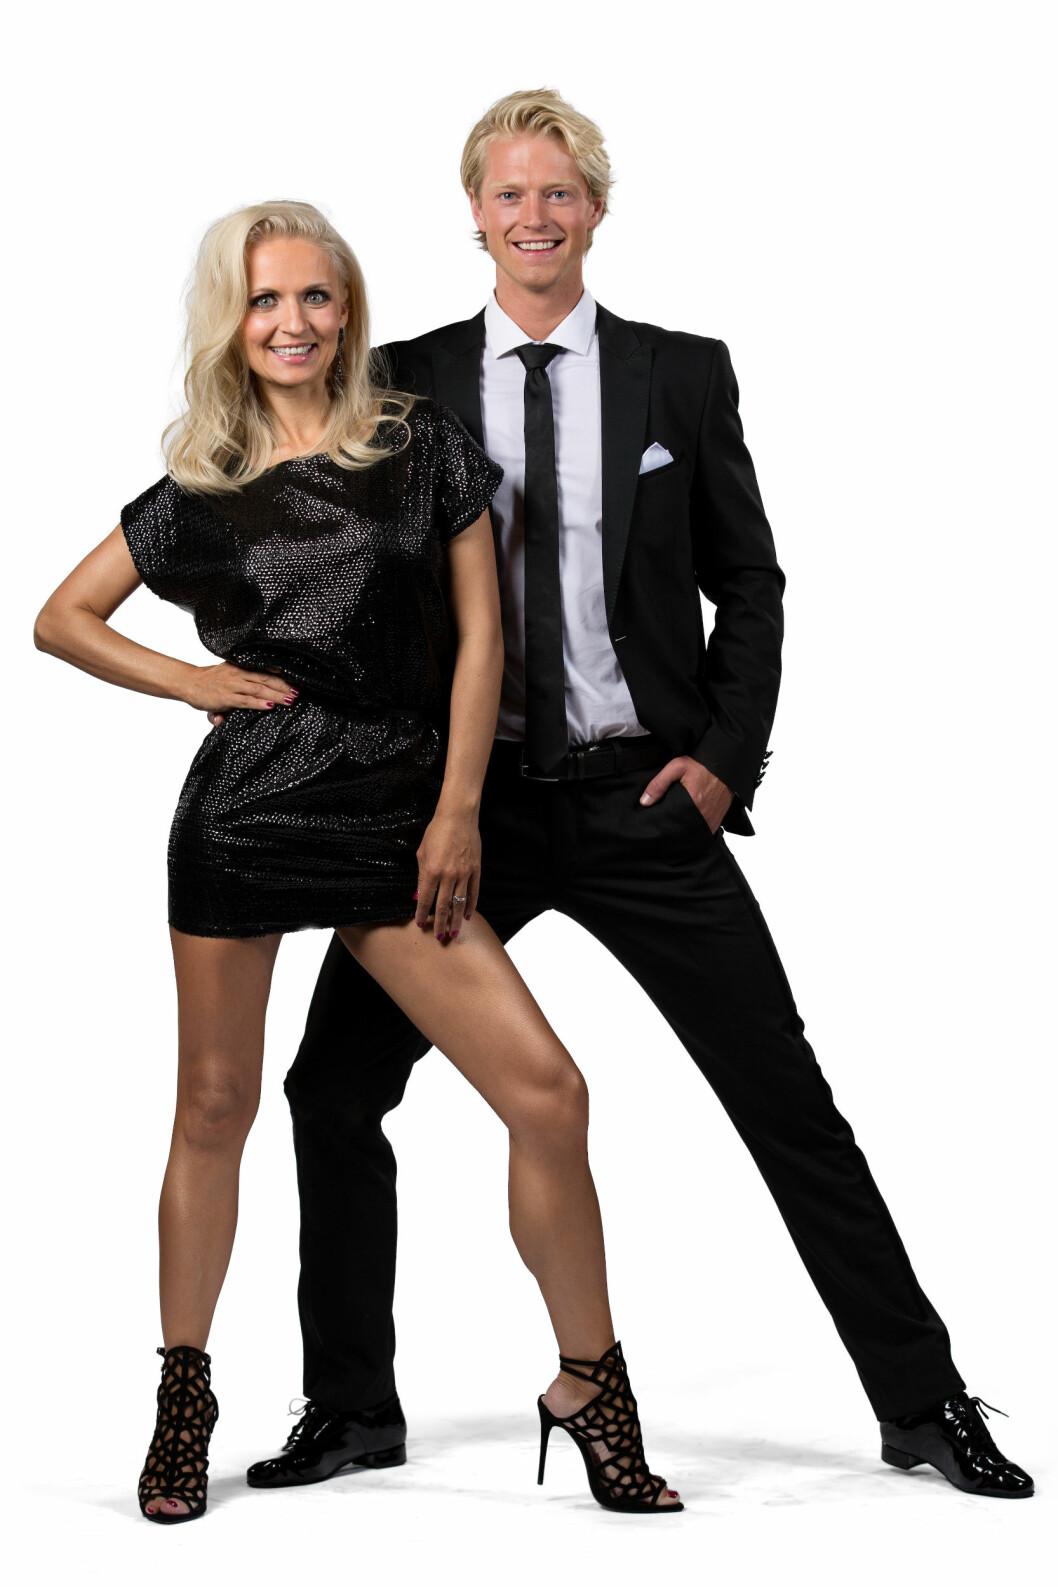 TRØBLETE FOTTØY: Eilev Bjerkerud innrømmer at det er uvant å danse med «høye hæler», noe som innimellom går utover dansepartner Nadya Khamitskaya. Foto: Espen Solli/ TV 2